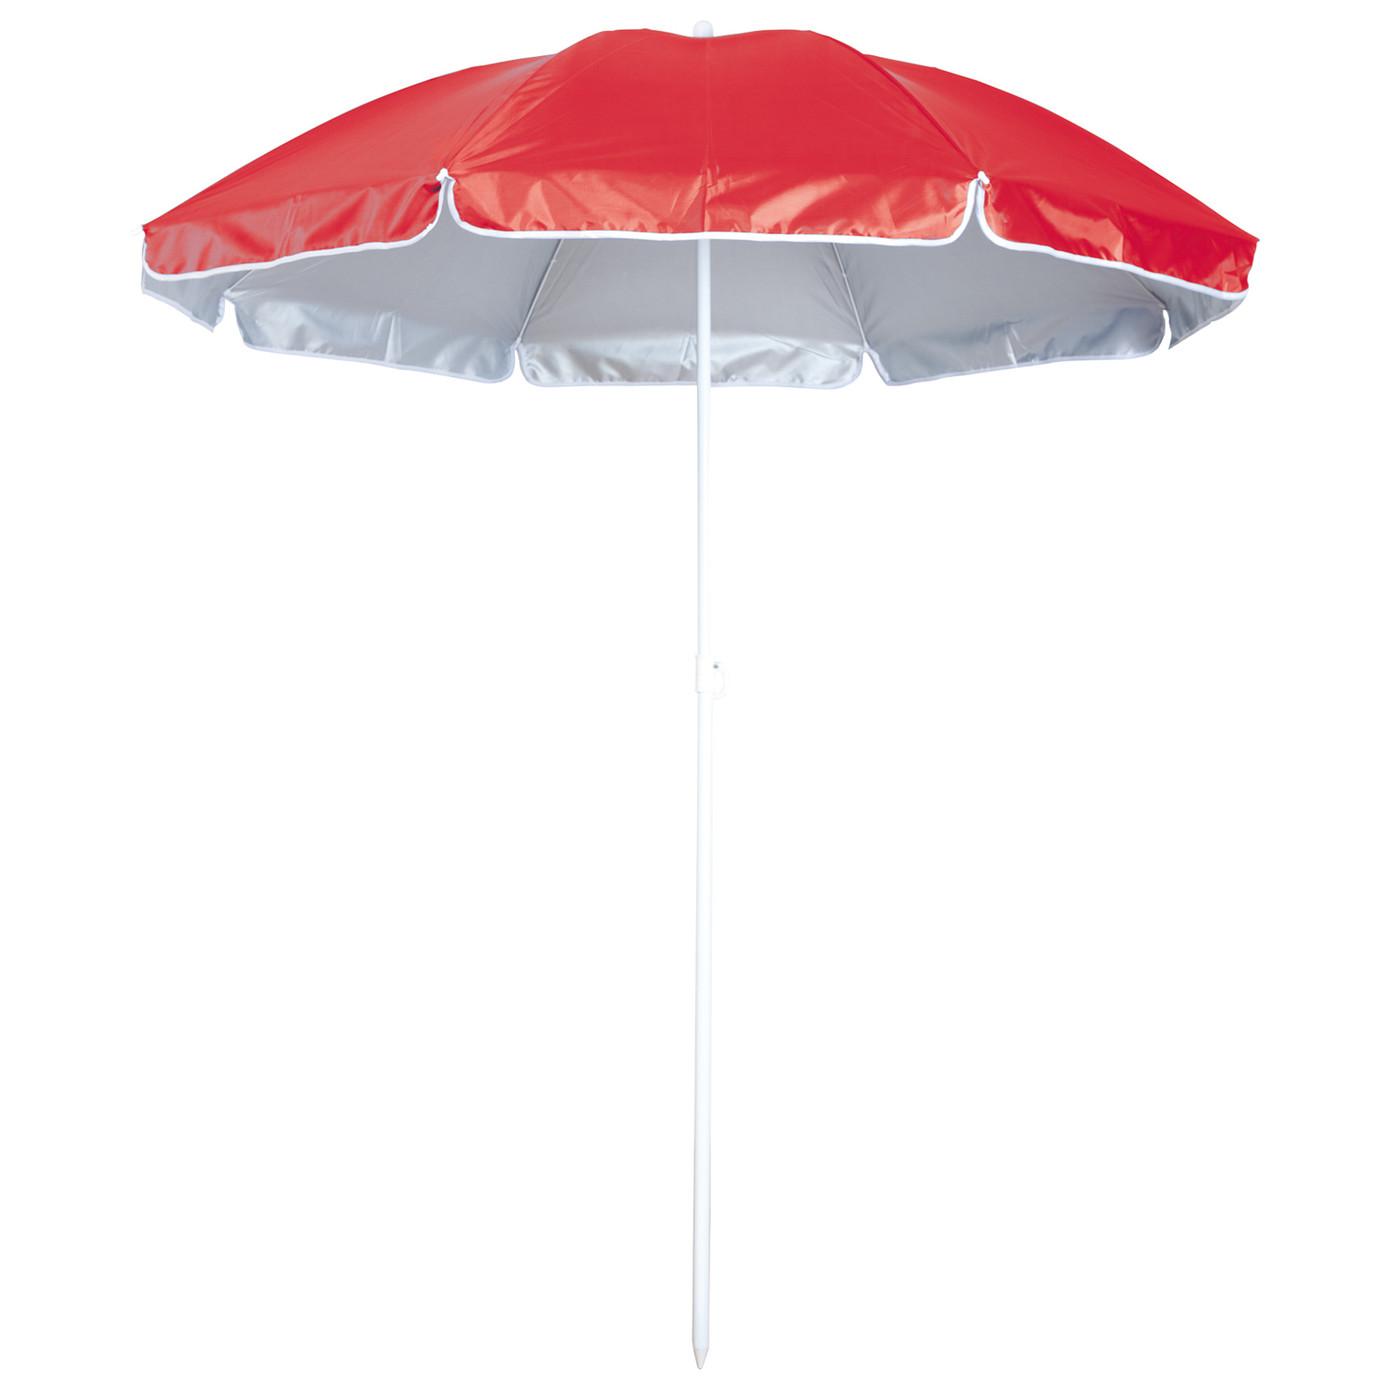 Чехлы для зонтов своими руками